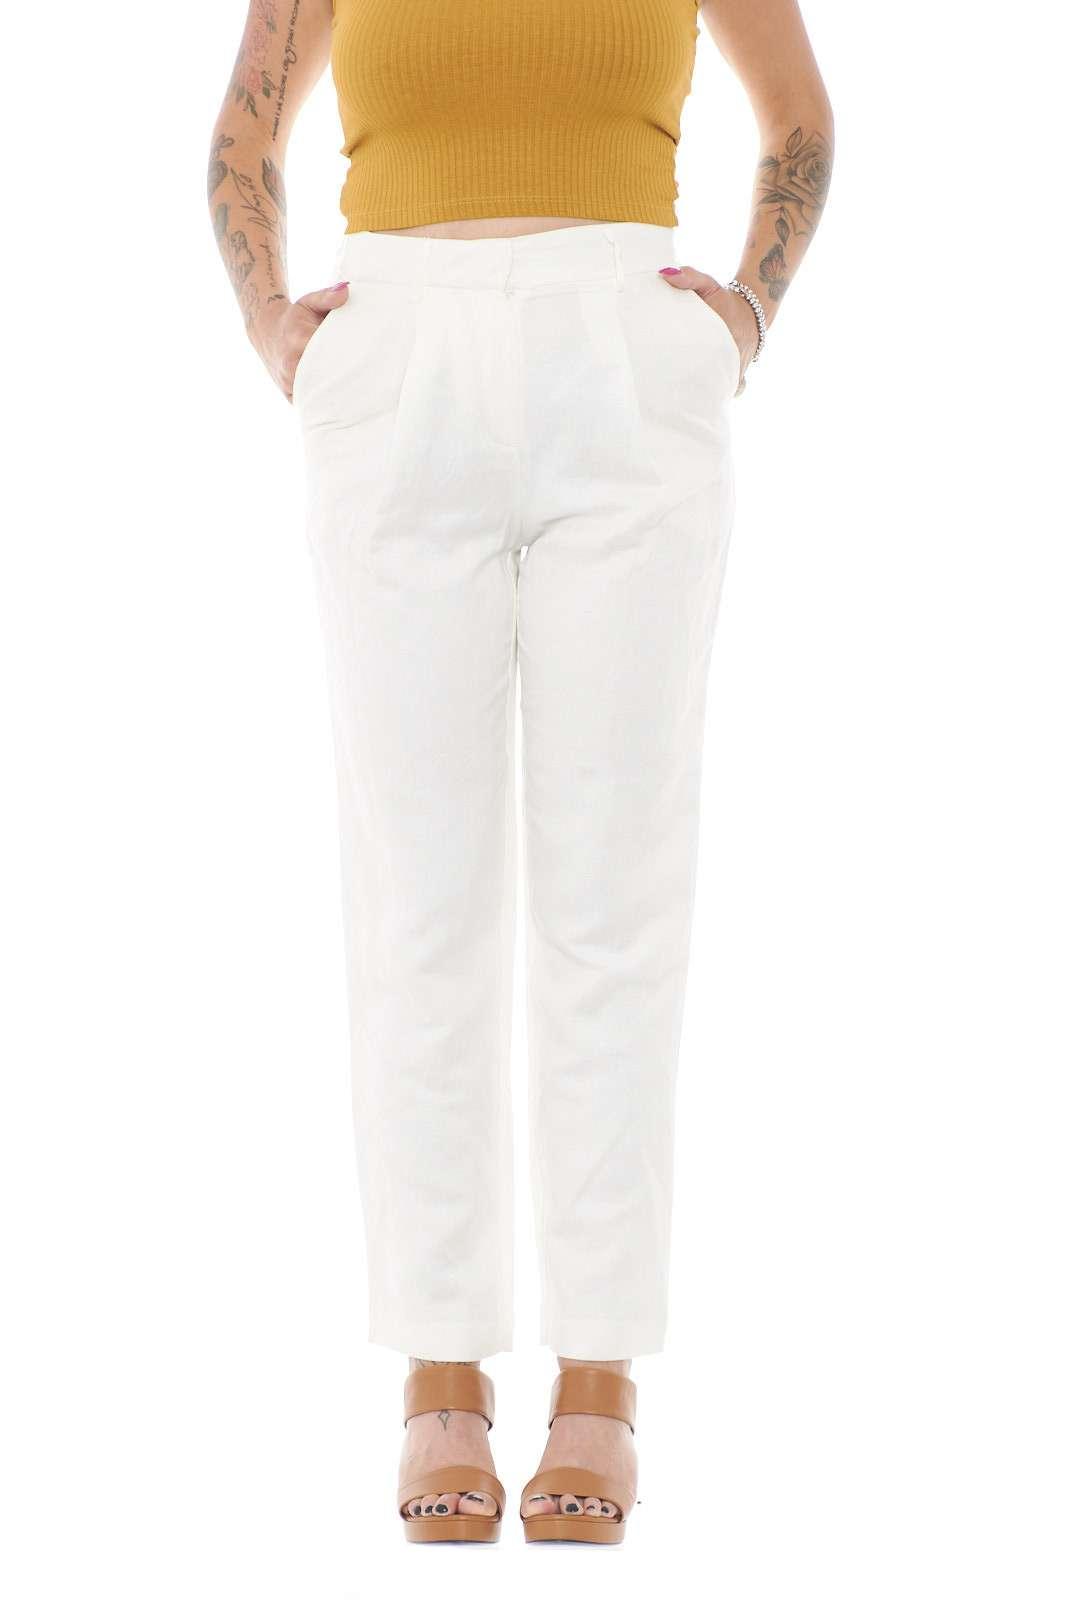 Un pantalone modello a sigaretta quello proposto dalla collezione FRNCH donna. Da indossare nelle occasioni più formali, abbinato ad un top e ad un tacco alto è perfetto.